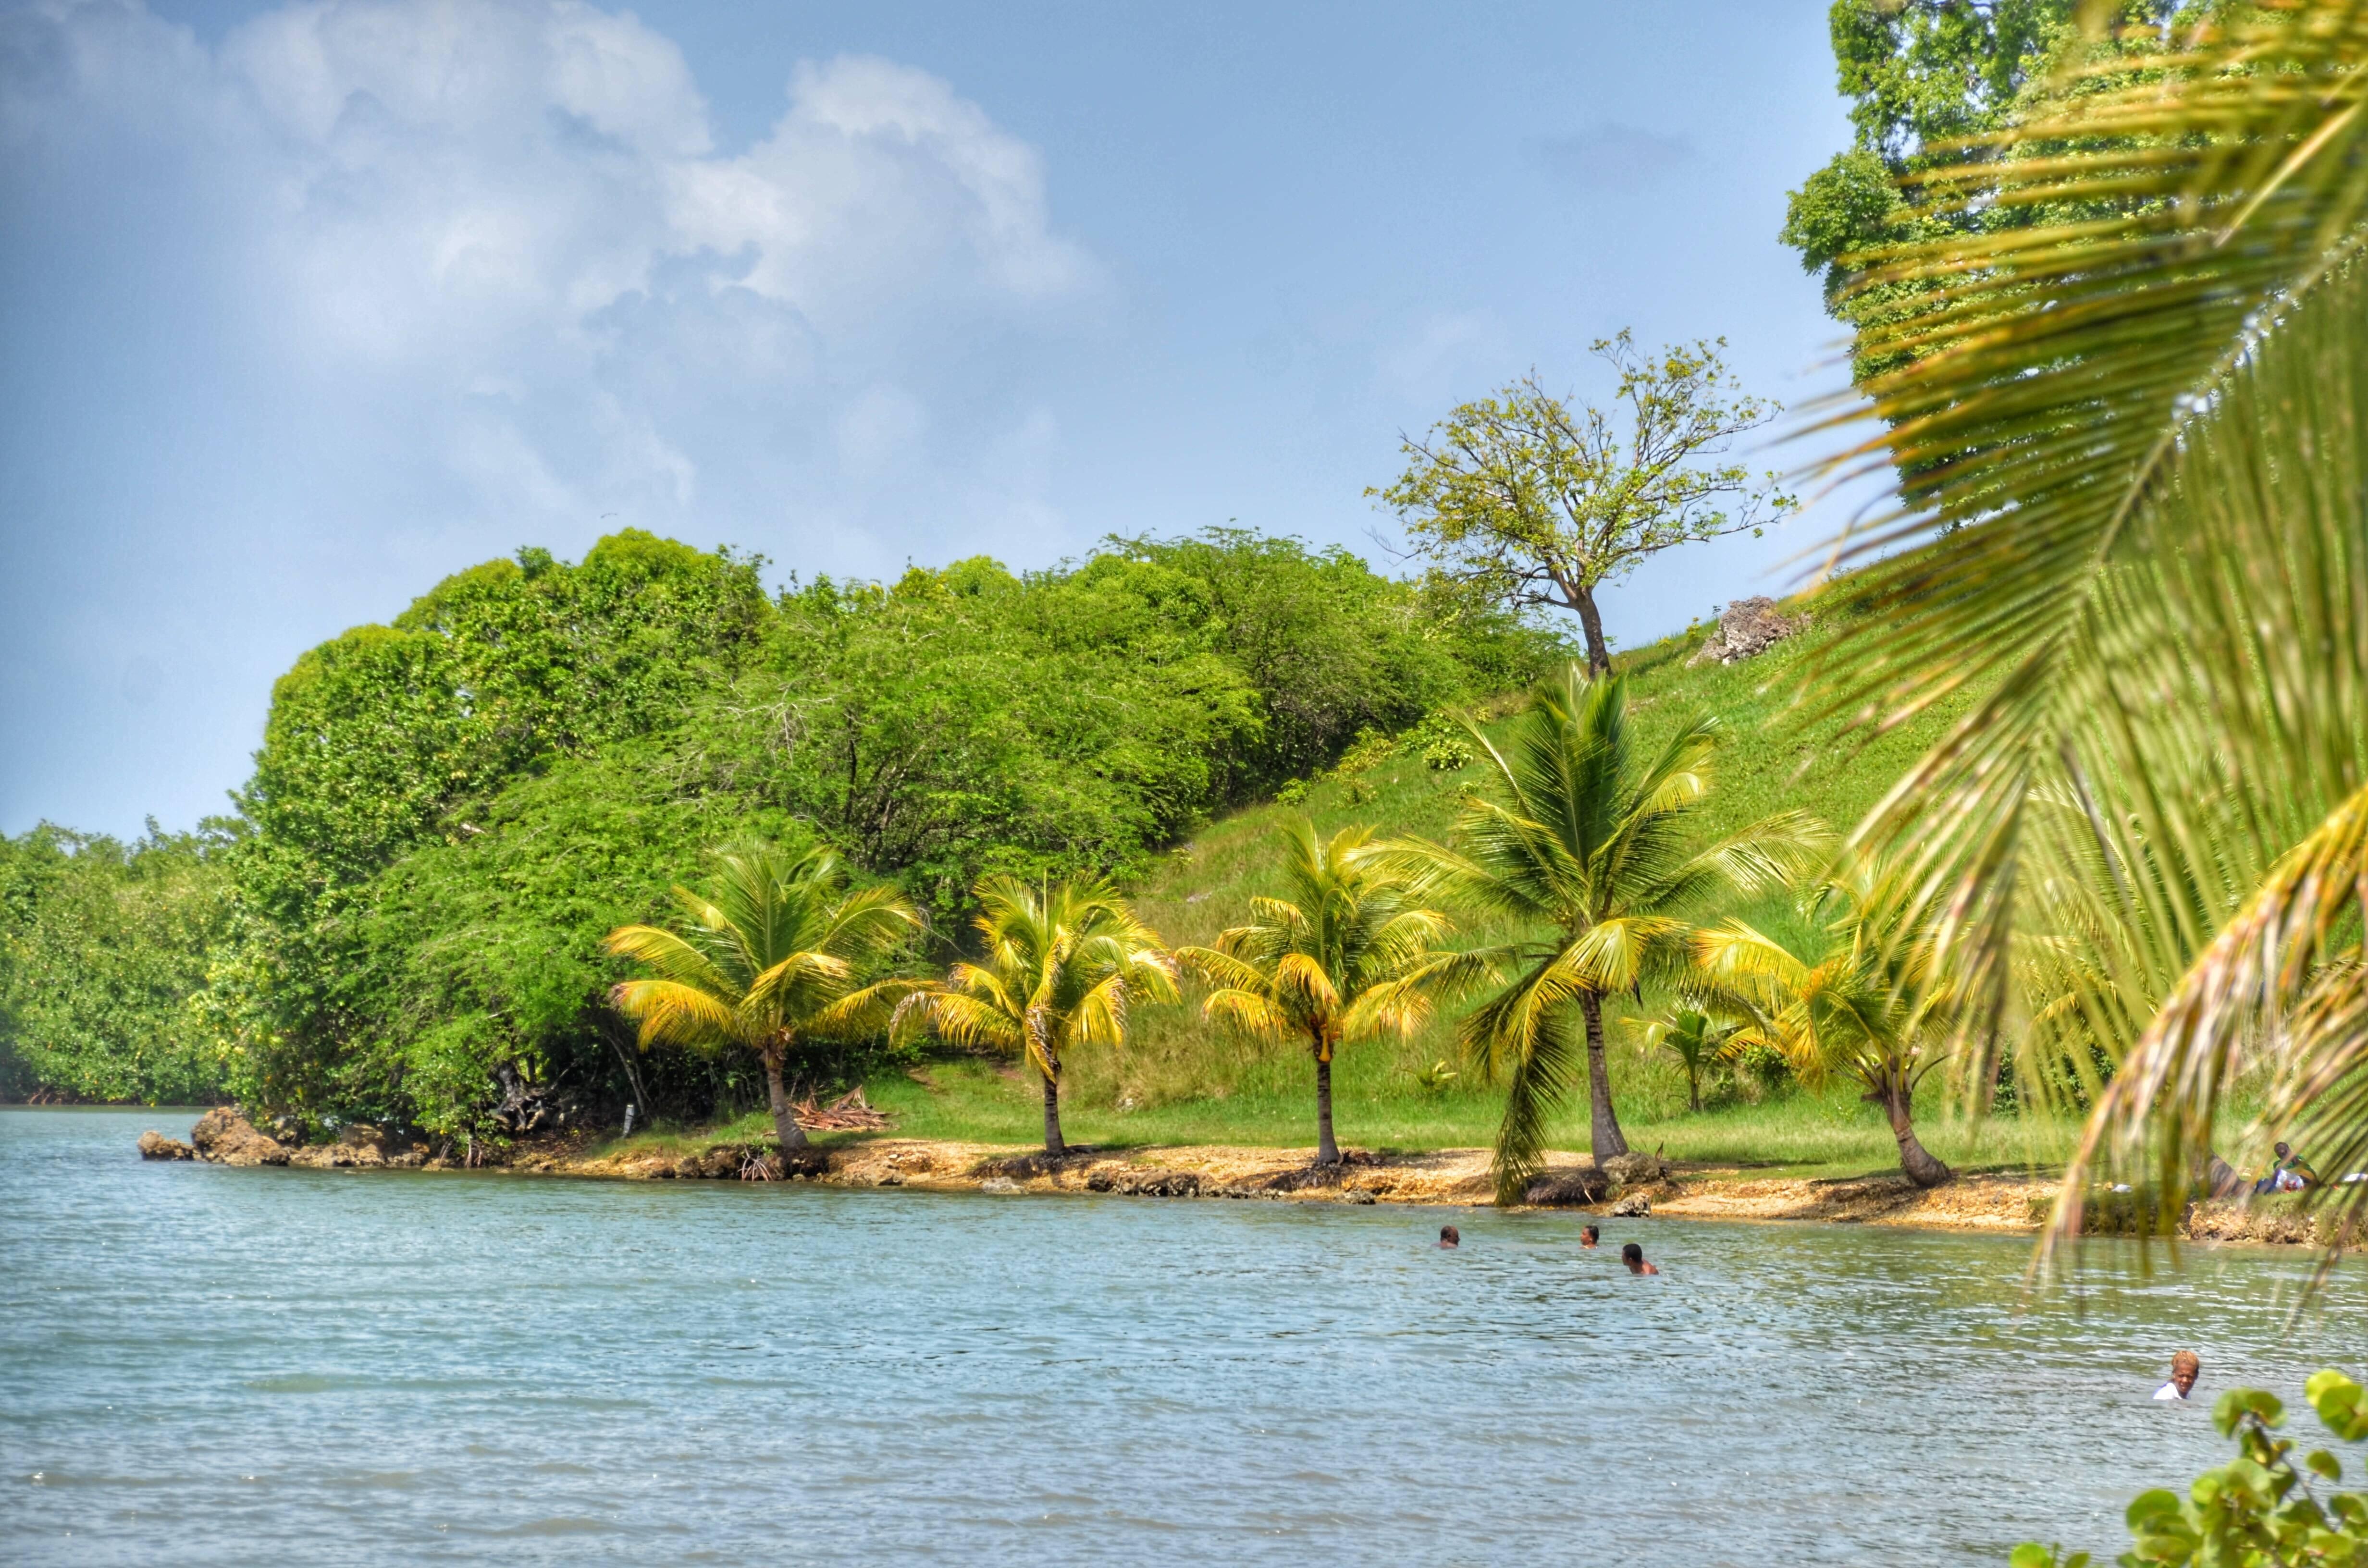 Photo 2: Petit Canal, rencontre entre la mangrove et la mer des Caraïbes !